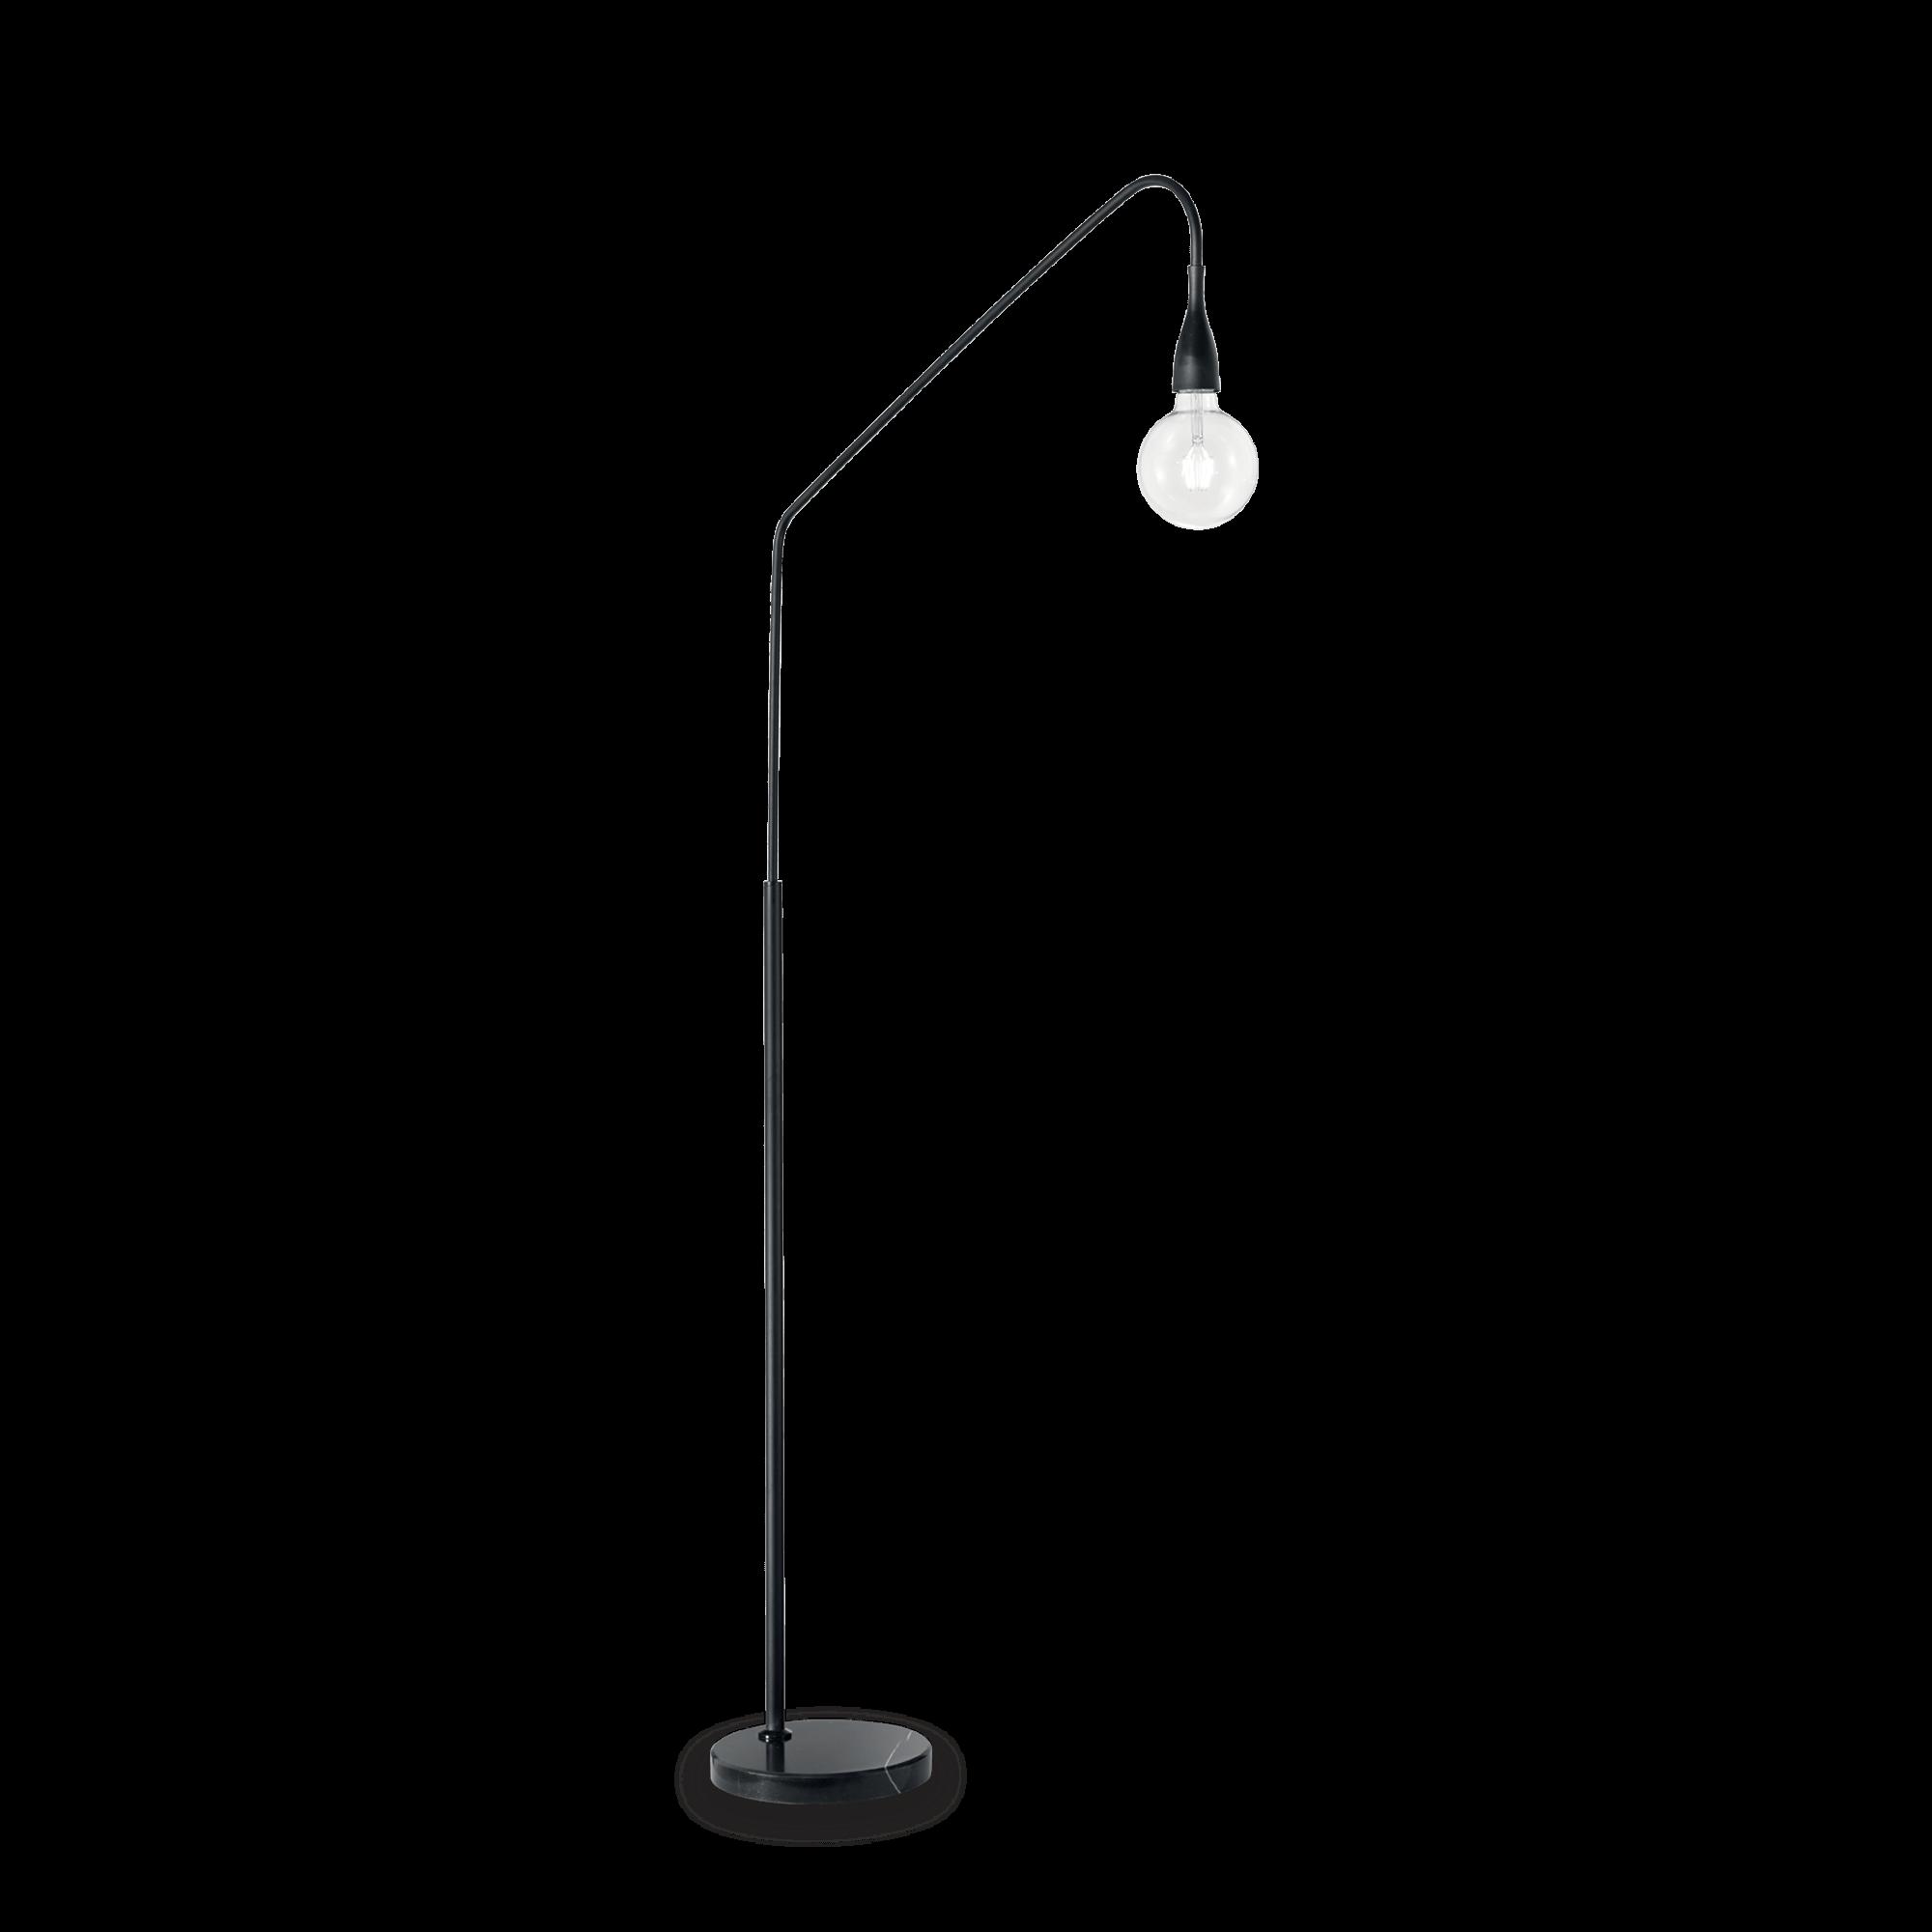 Ideal Lux 163369 MINIMAL PT1 NERO állólámpa